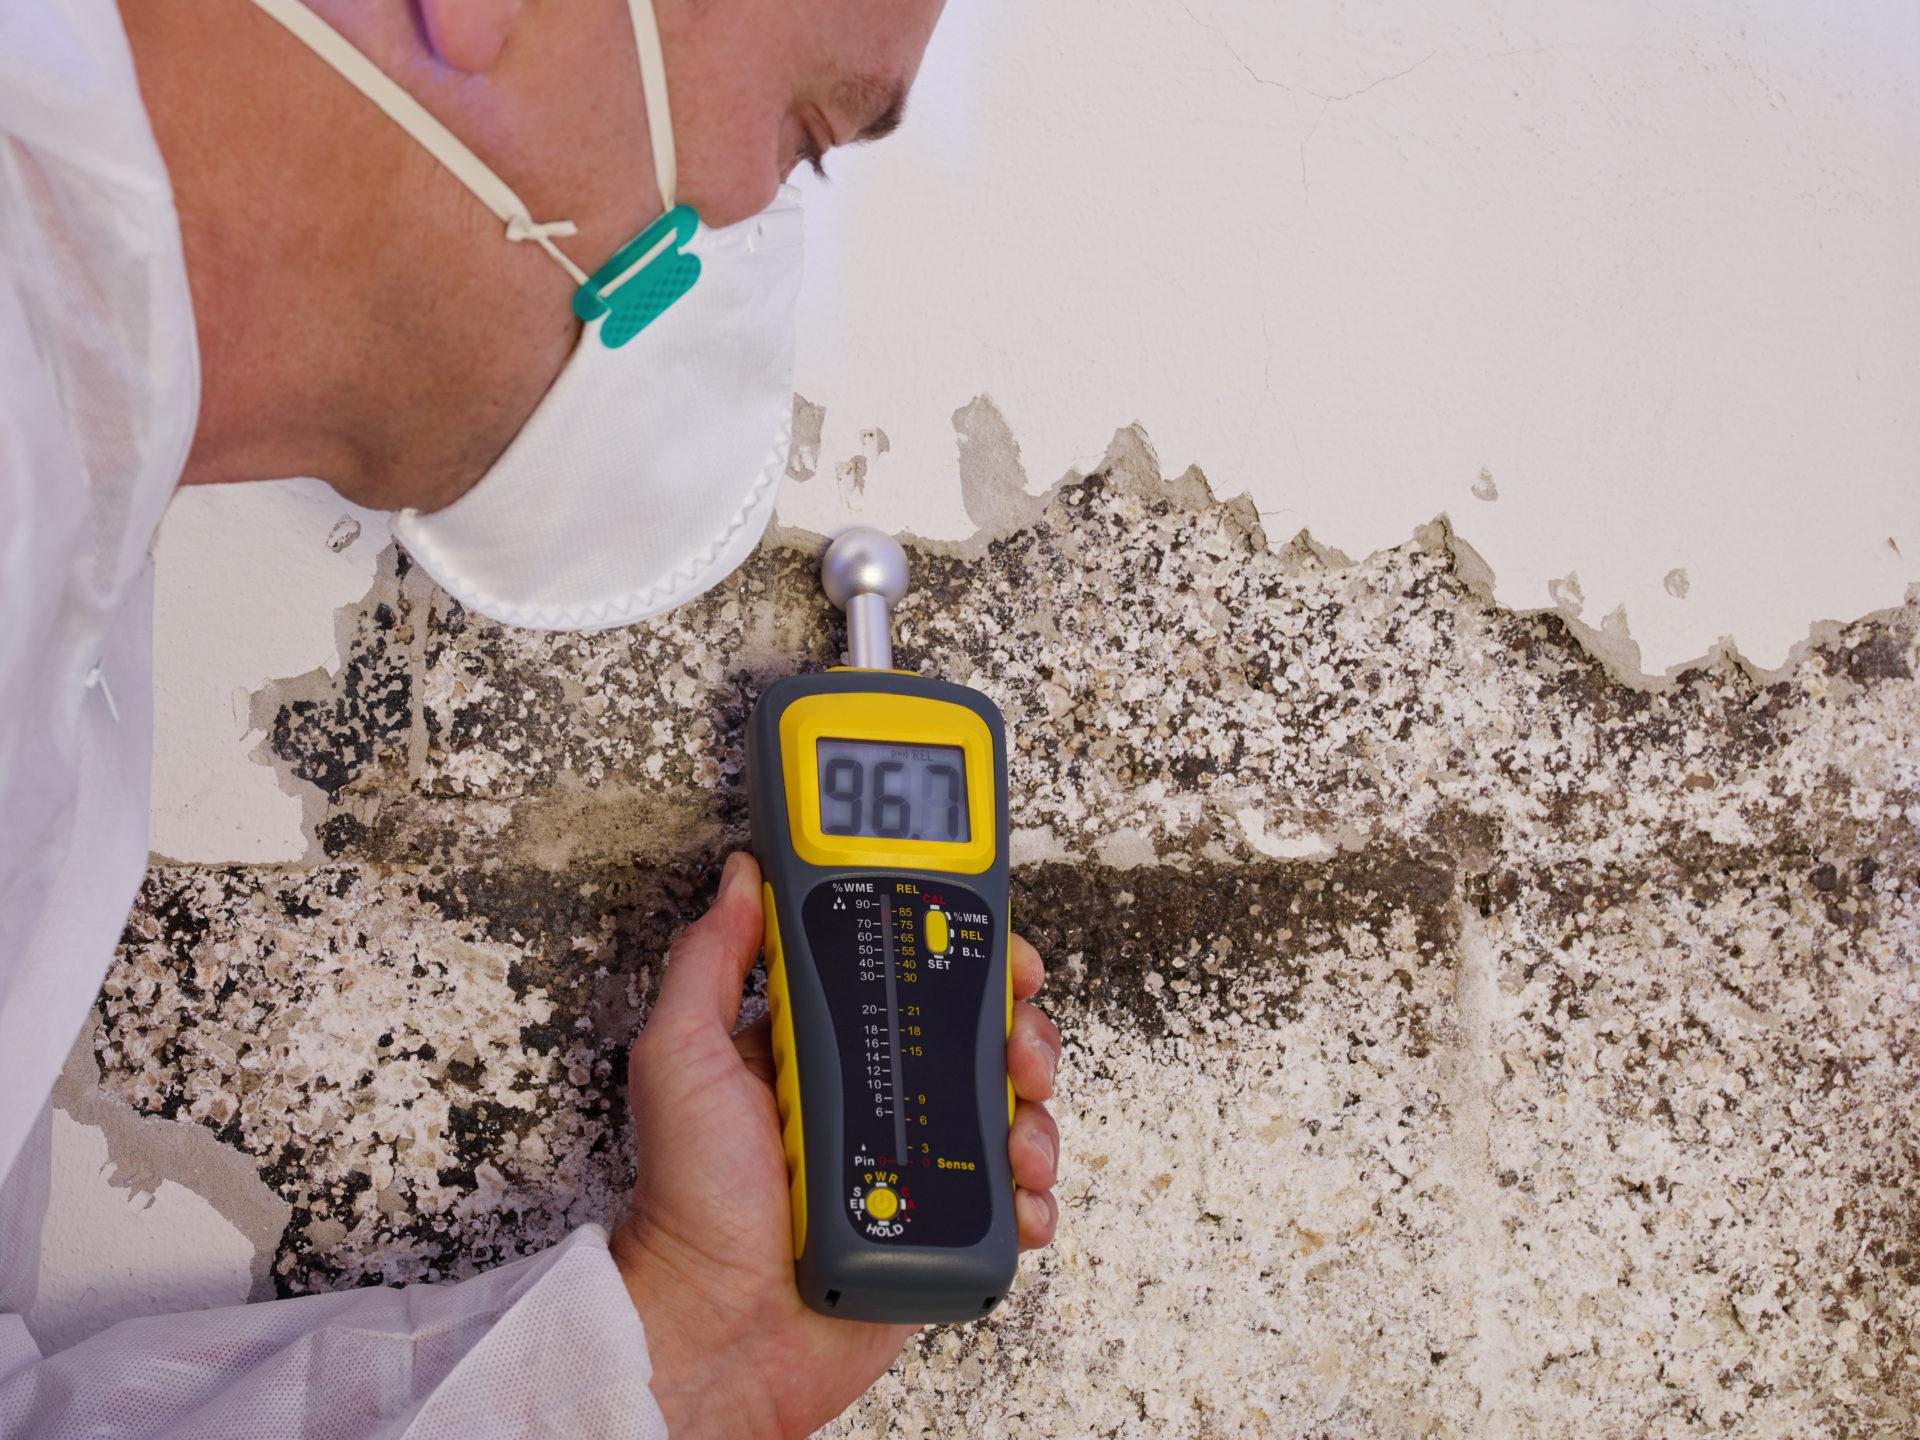 Les sources possibles d'humidité dans votre maison